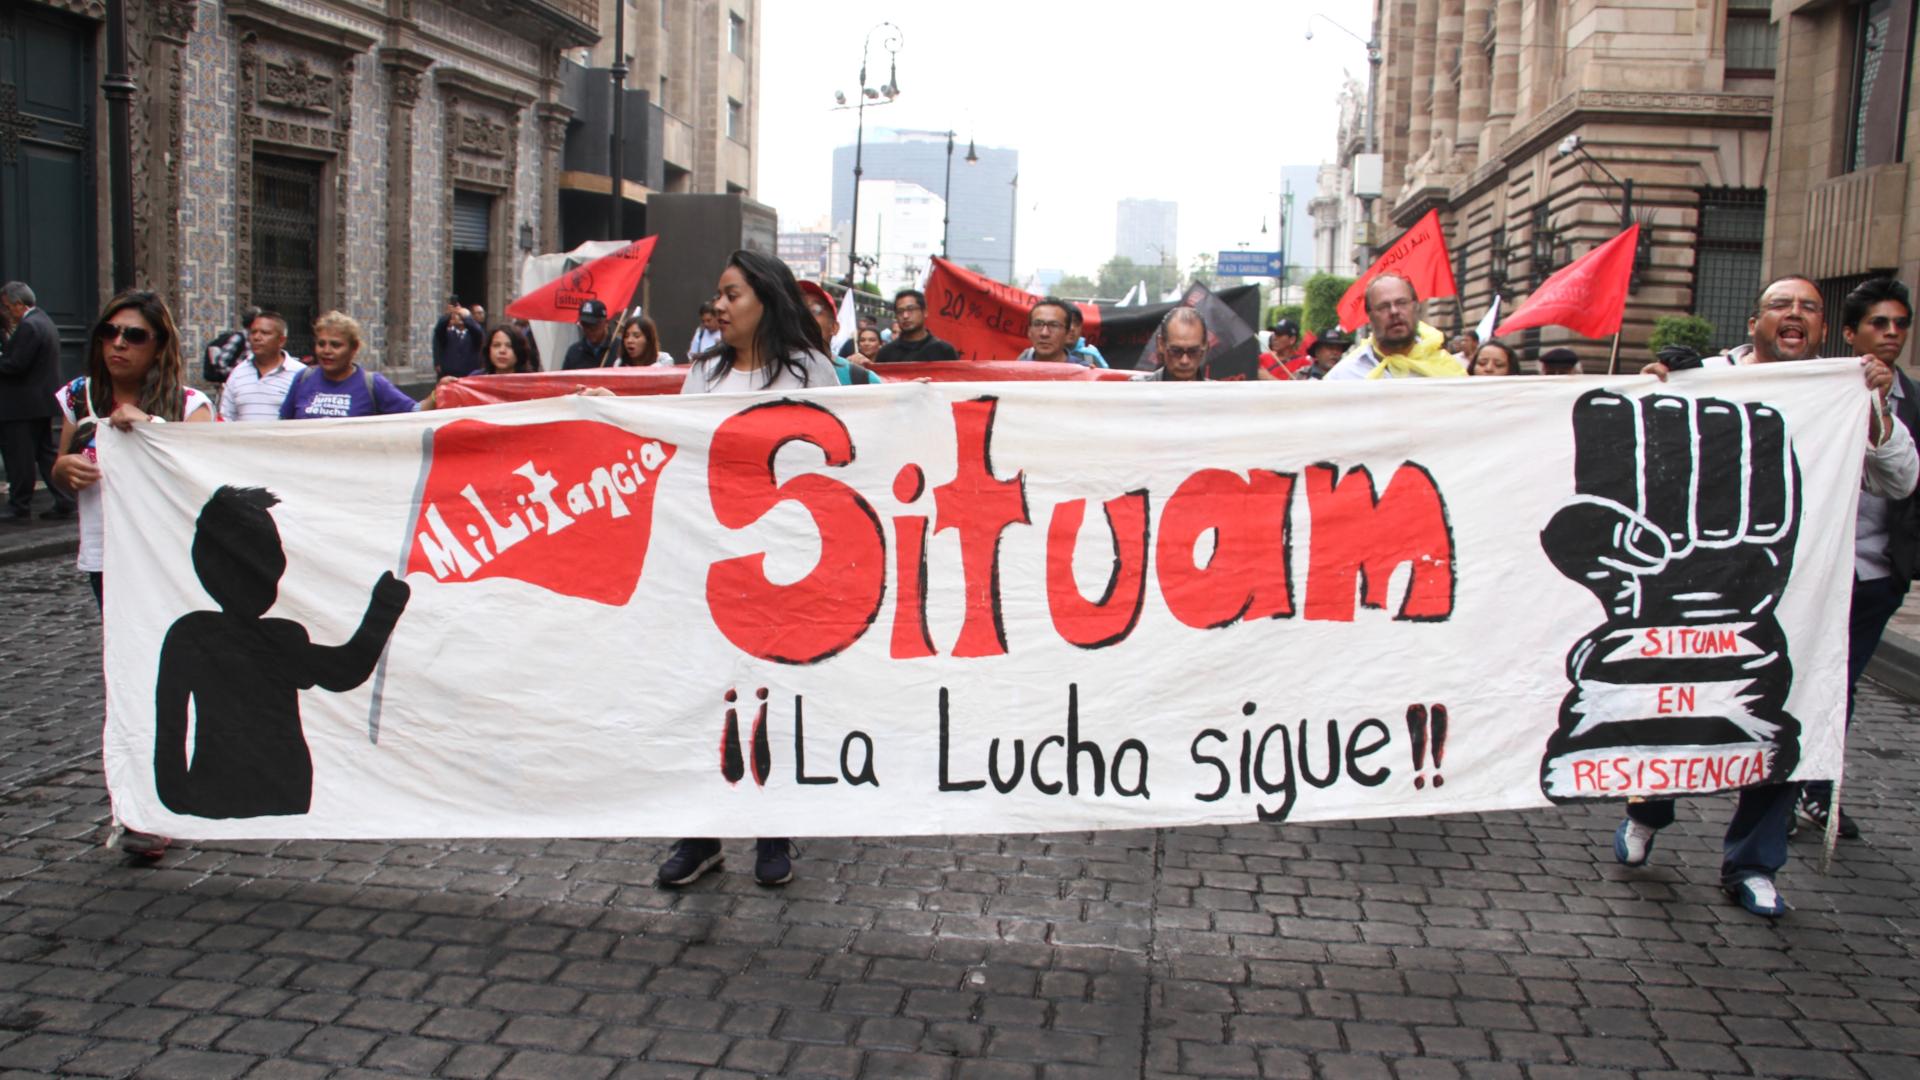 Maestros y personal administrativa de la Universidad Autónoma Metropolitana, marcharon en protesta a favor del aumento salarial (Foto: Cuartoscuro)